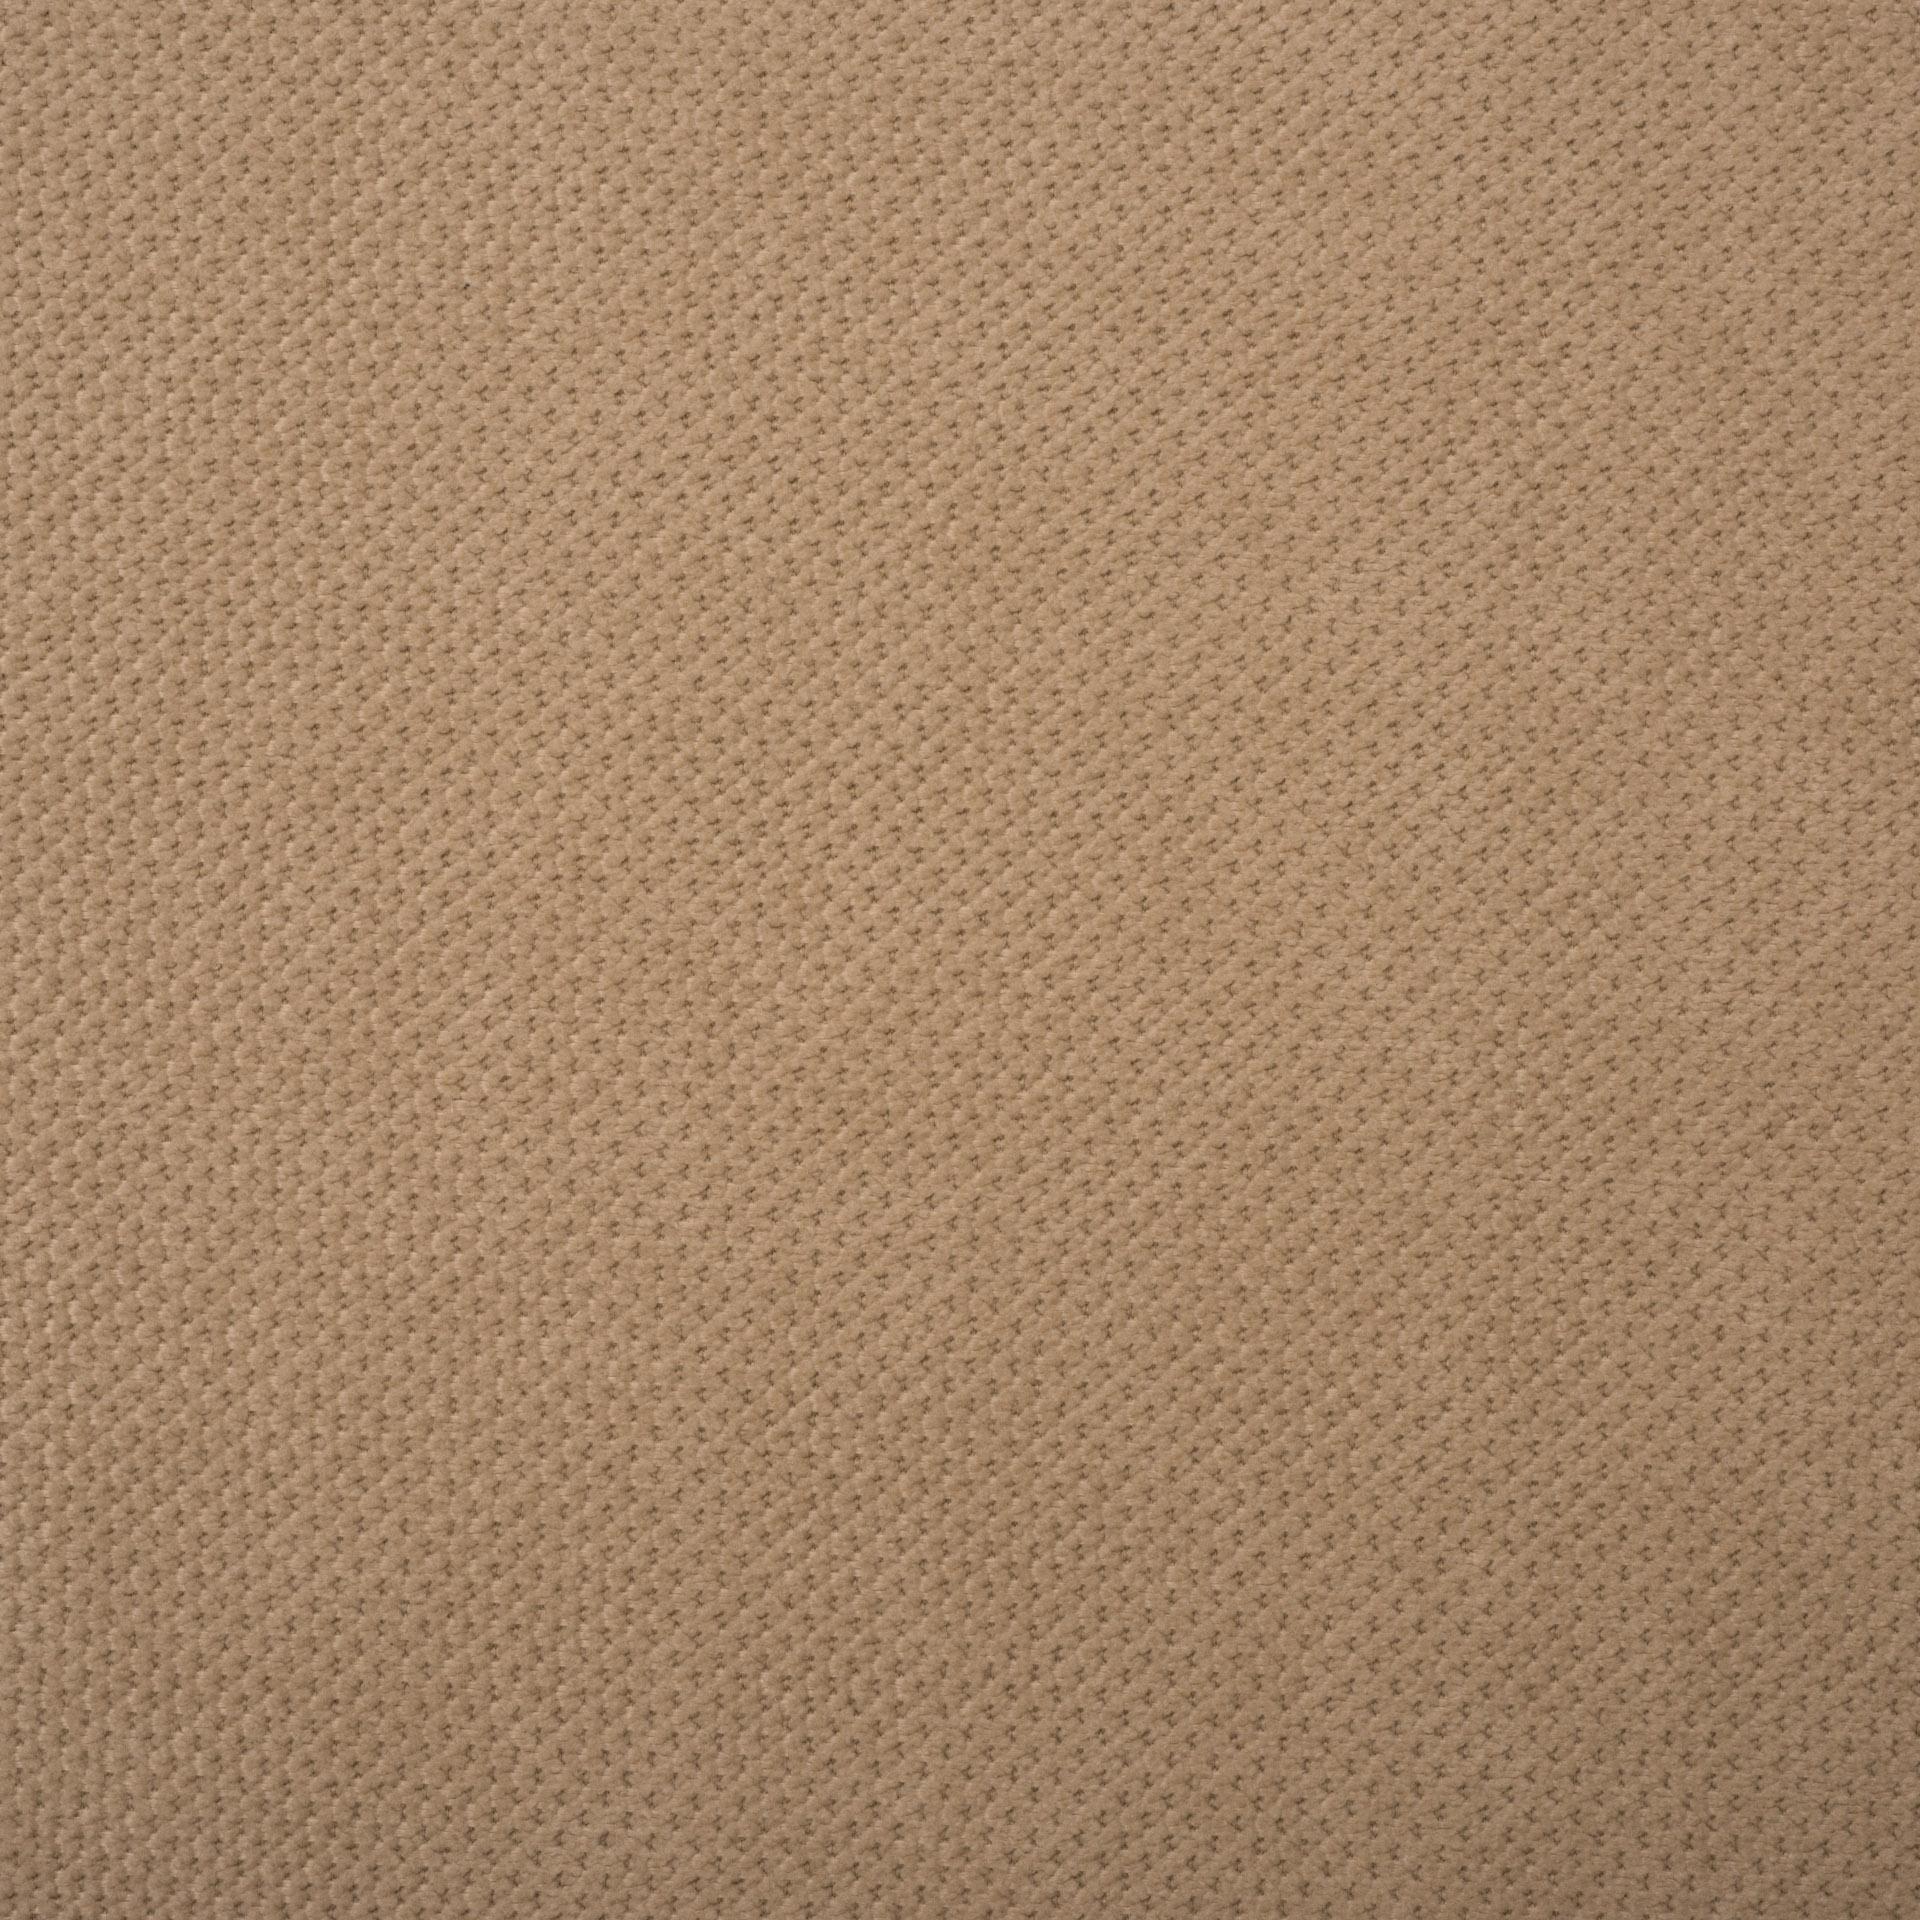 Коллекция ткани Дели 03 BEIGE,  купить ткань Жаккард для мебели Украина